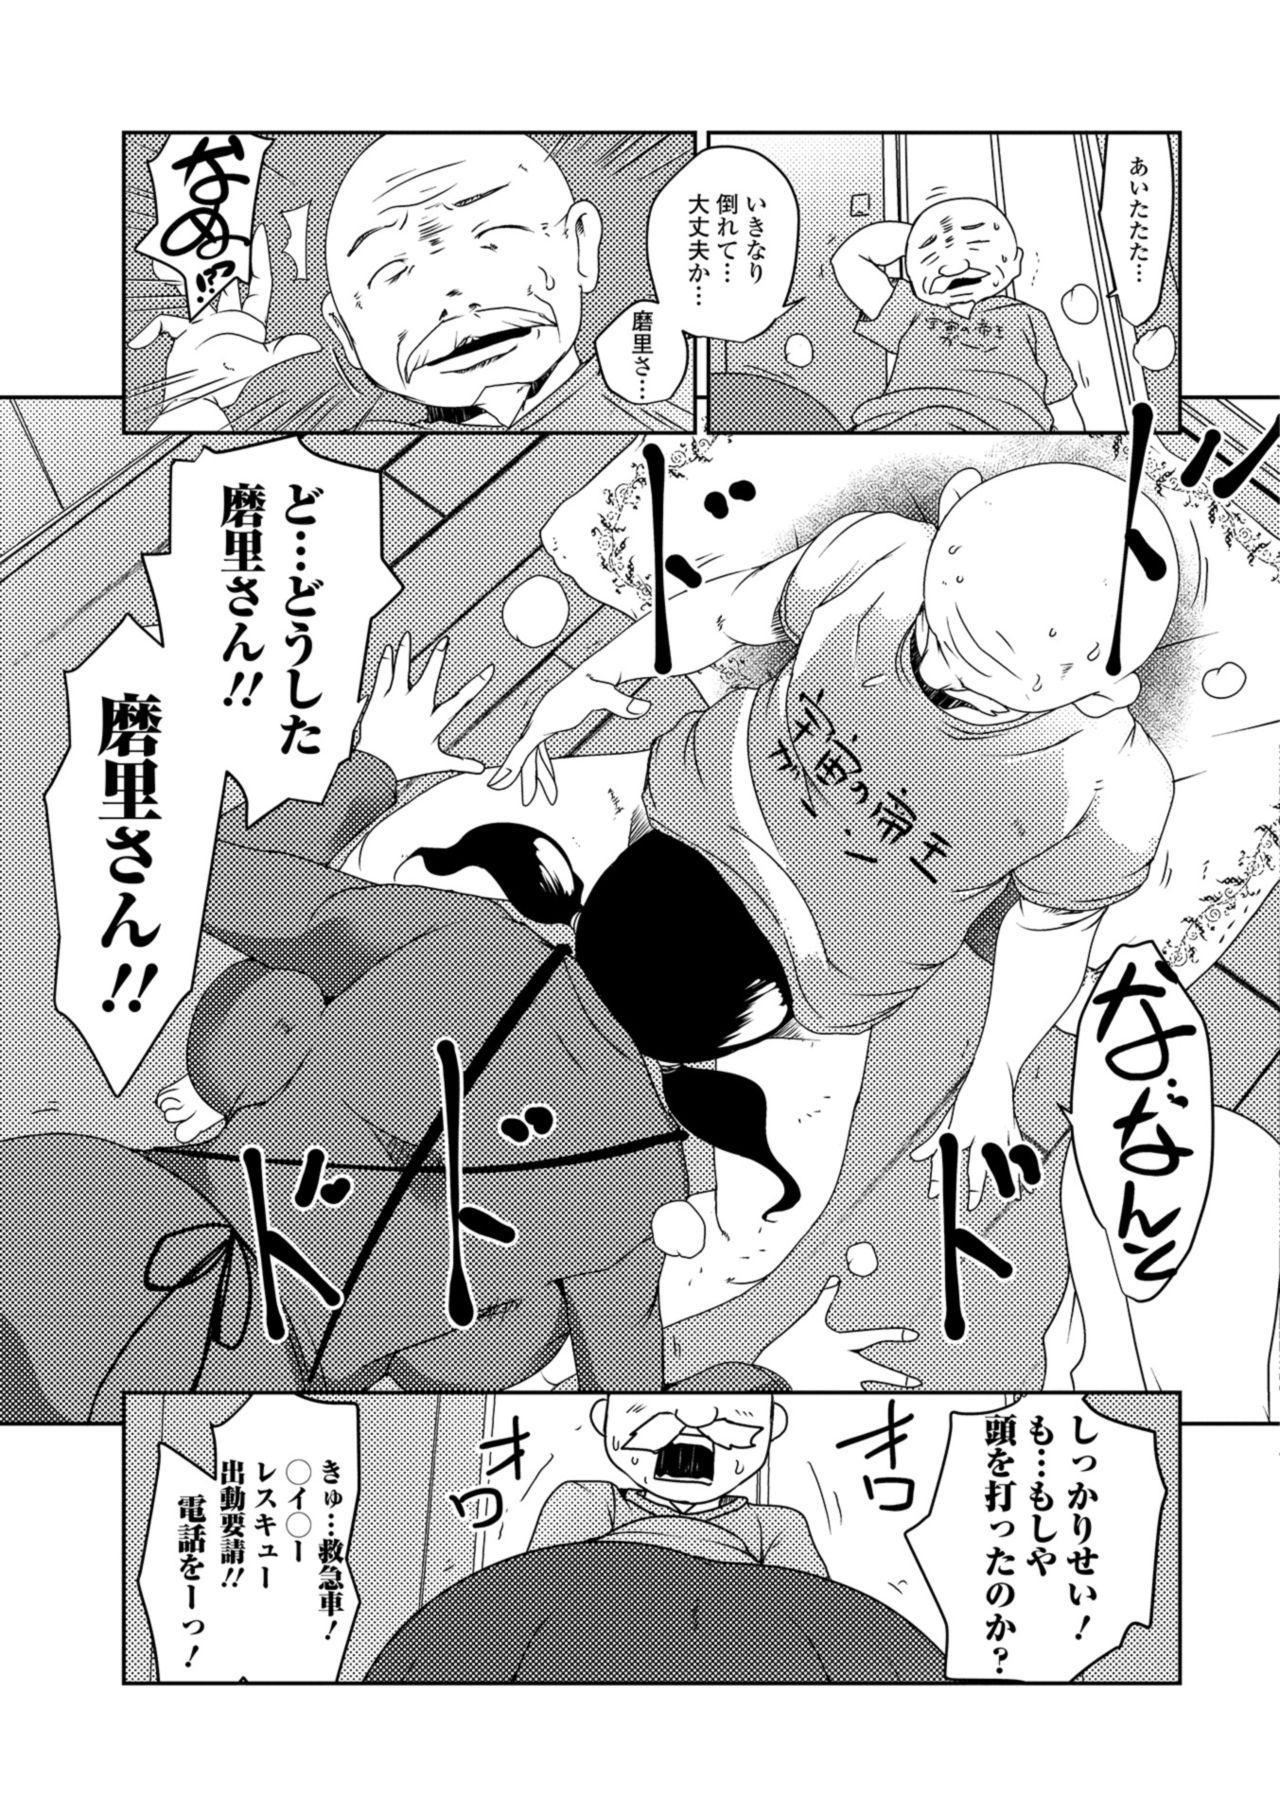 Web Haishin Gekkan Tonari no Kininaru Oku-san Vol. 019 64